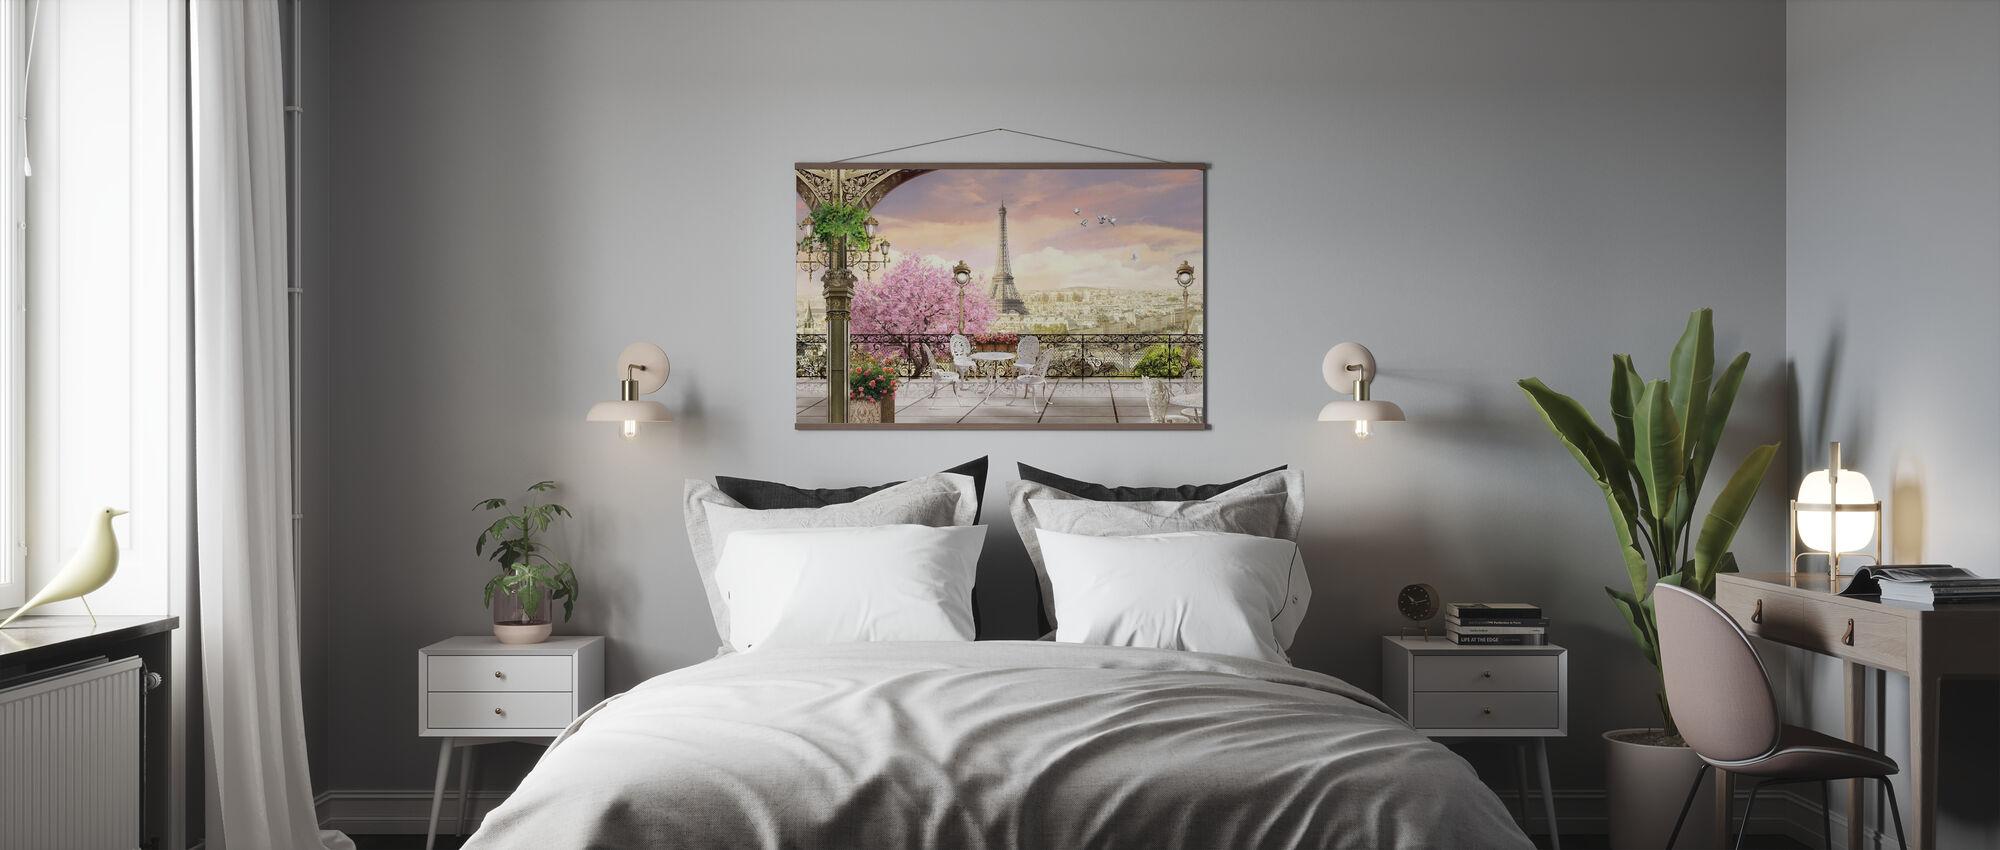 Parijs-terras - Poster - Slaapkamer